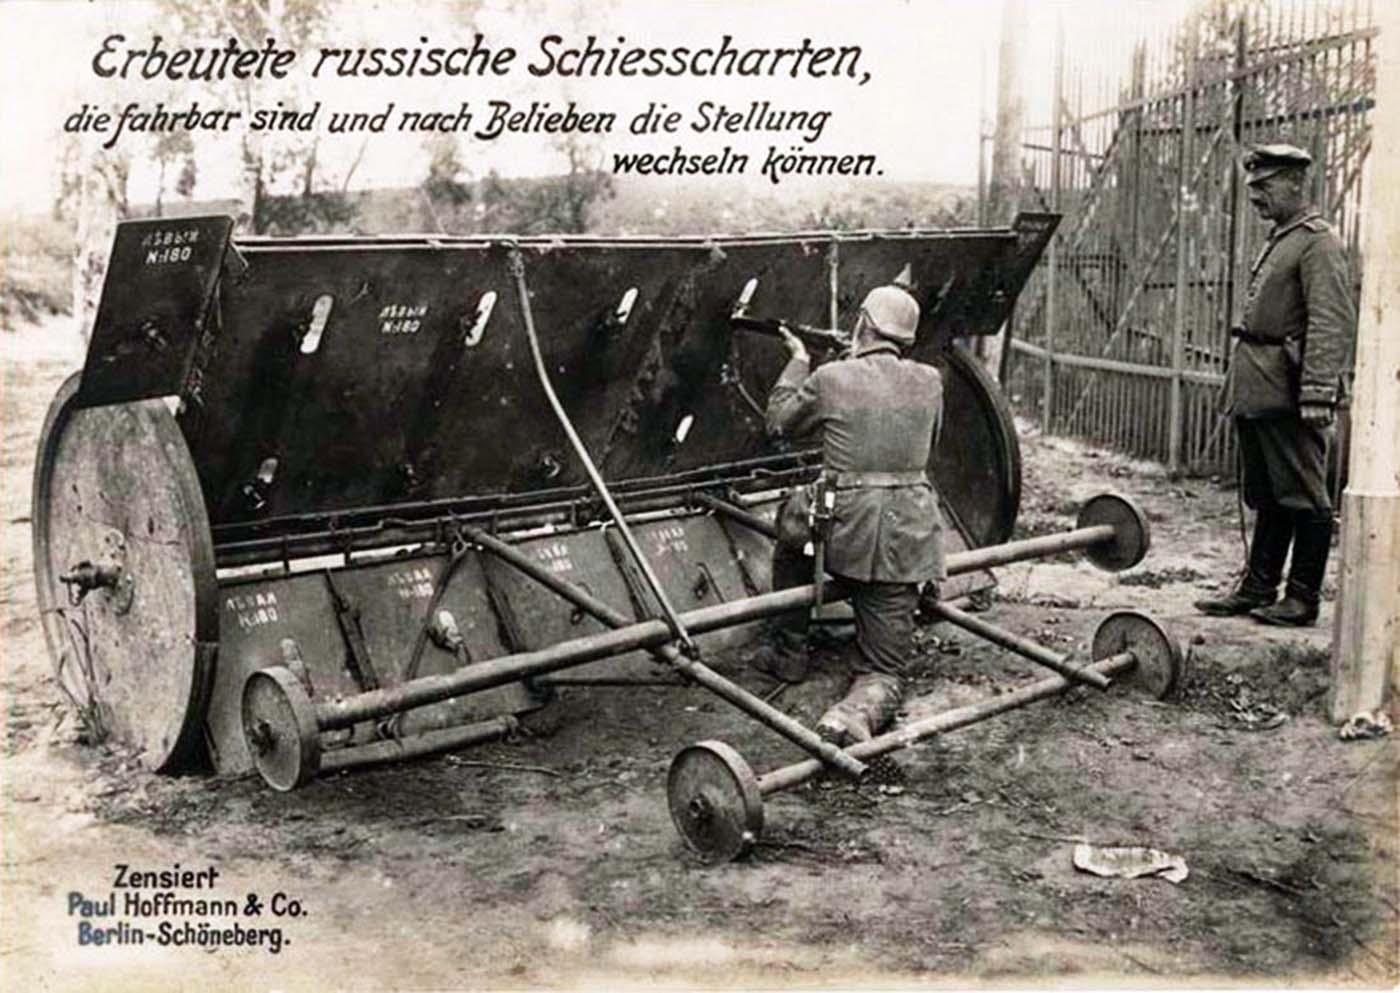 Un escudo móvil ajustable ruso capturado por los alemanes, 1914.